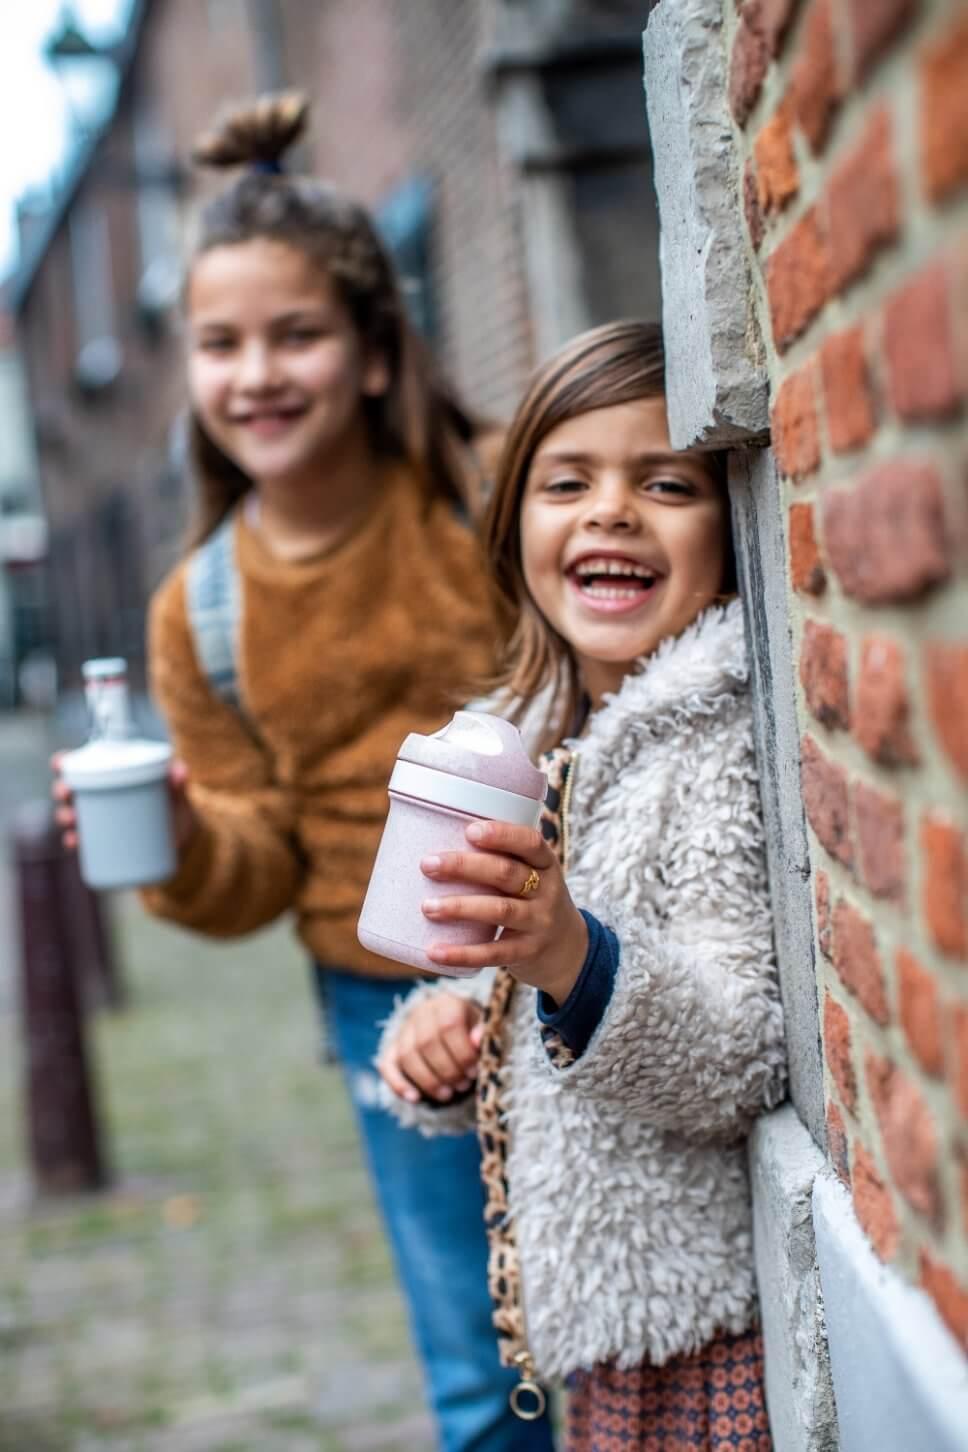 Zwei Mädchen stehen mit Trinklflaschen im Hauseingang